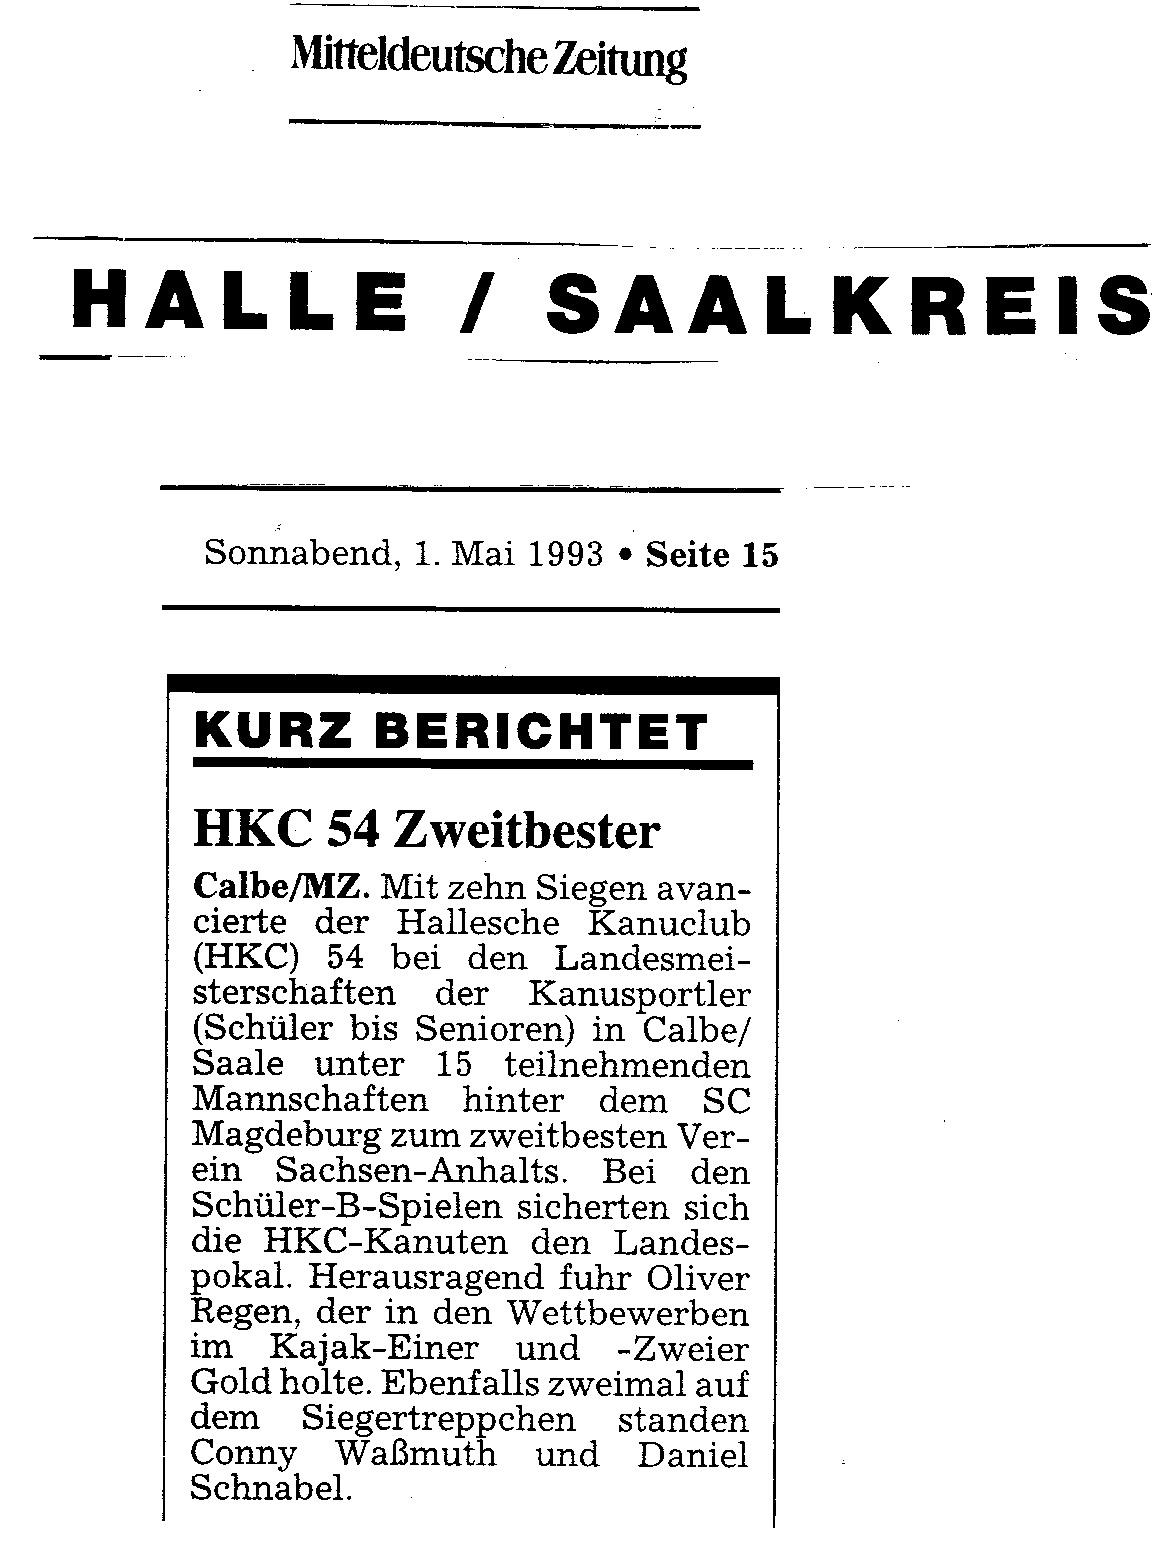 1993-05-01 MZ HKC 54 zweitbester (2)